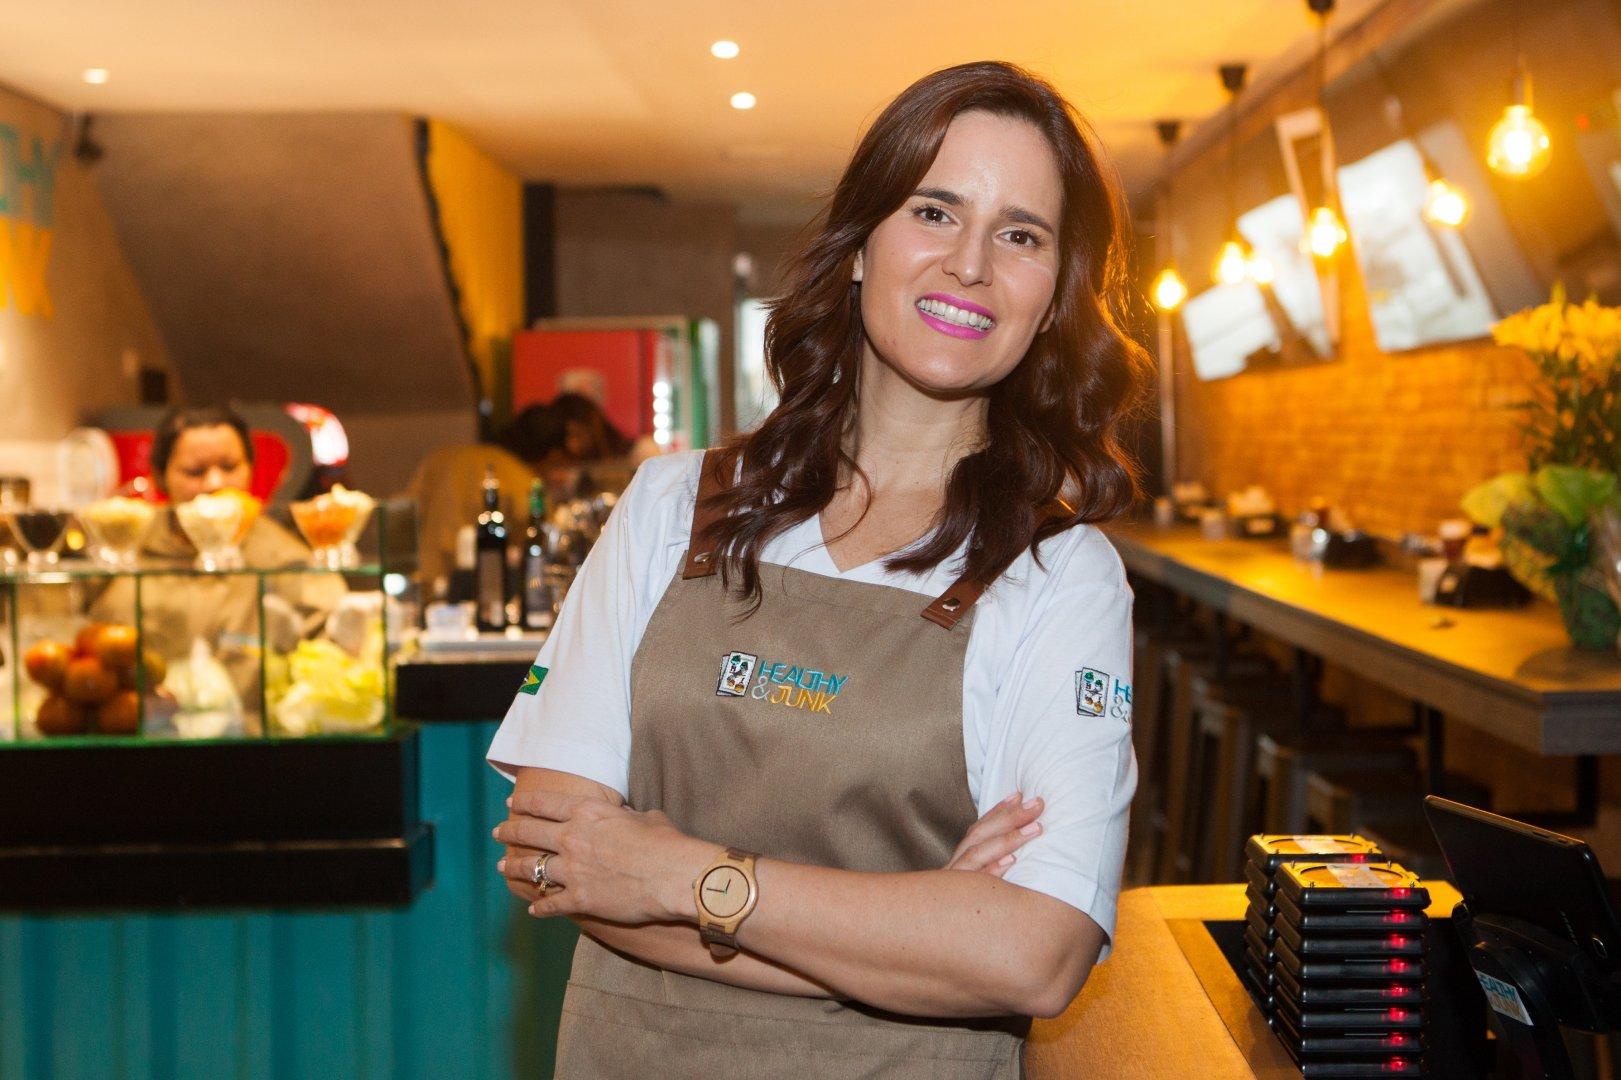 Empreendedorismo Feminino: Mesmo com dificuldades, mulheres continuam focadas em abrir seus negócios e consolidá-los